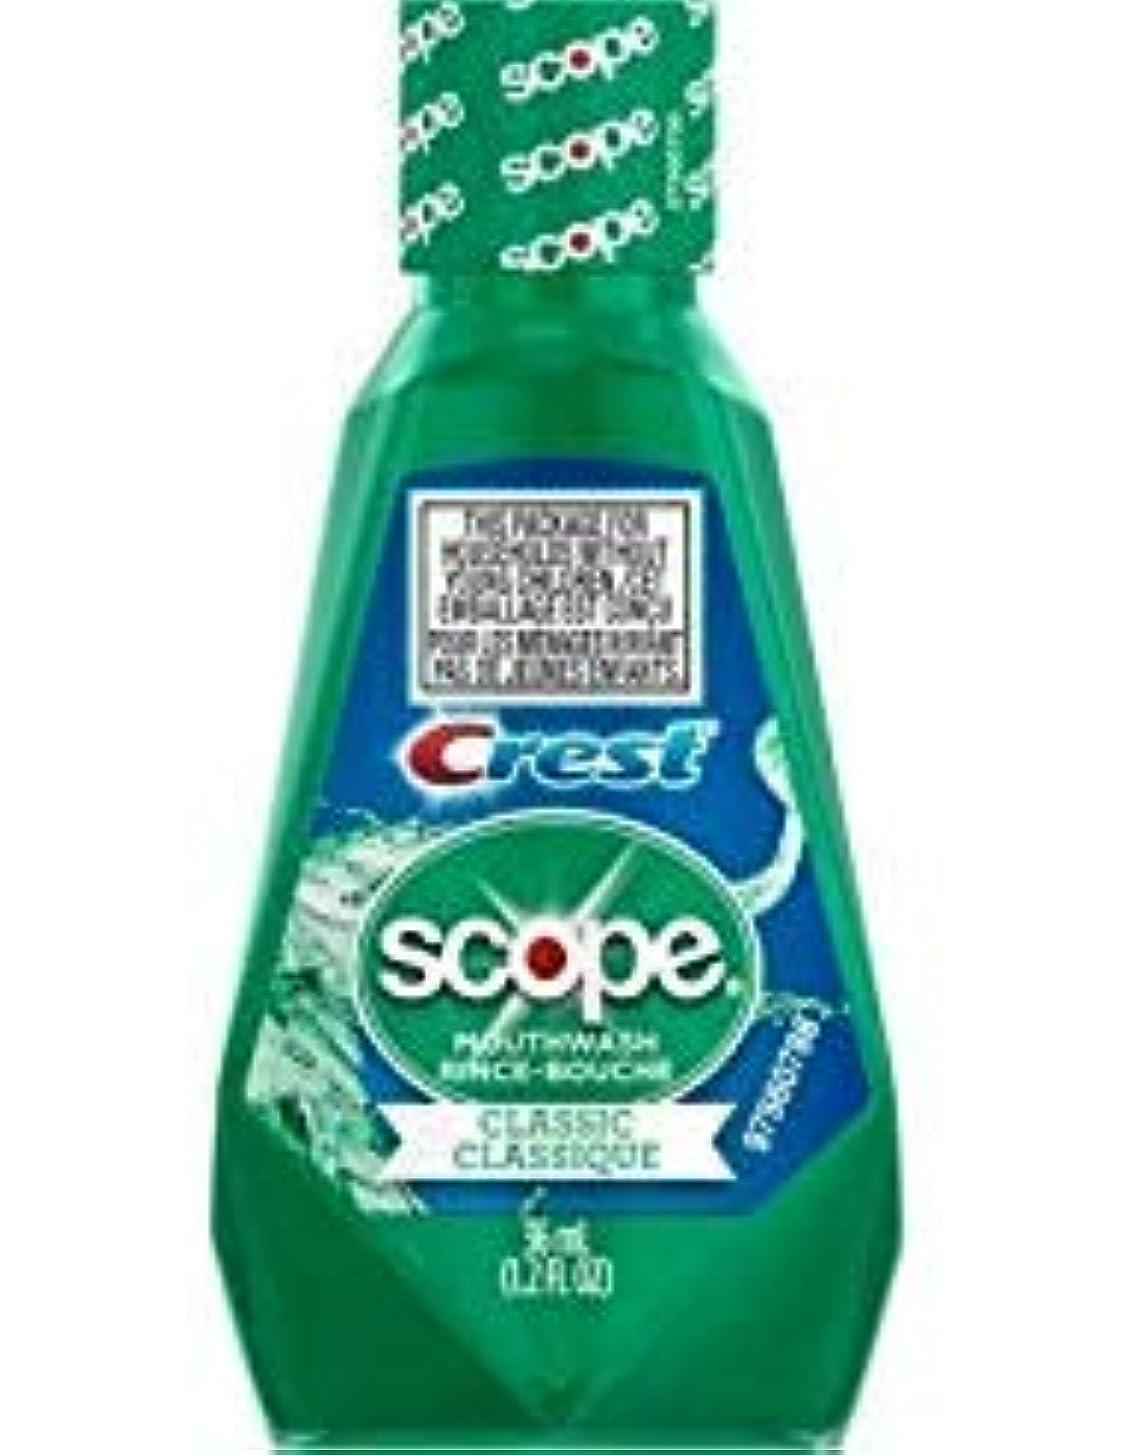 筋肉のティッシュ偏見Crest スコープマウスウォッシュ36ミリリットルトラベルサイズのボトル(#00838)